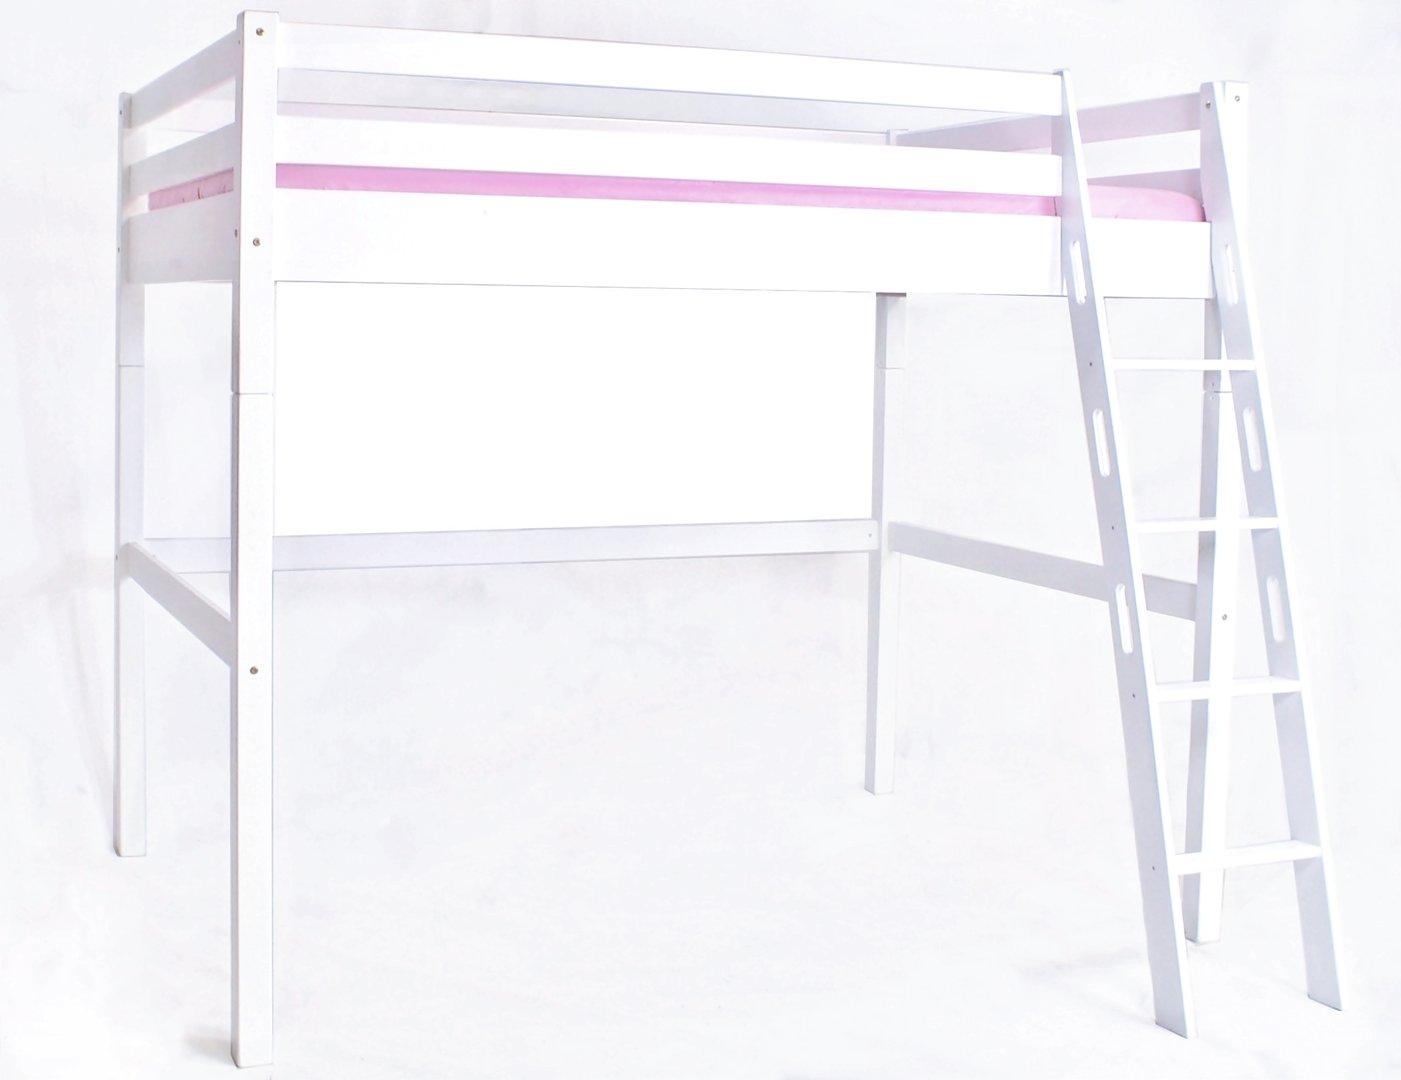 hochbett 140 200 wei ebenbild das wirklich faszinierend. Black Bedroom Furniture Sets. Home Design Ideas